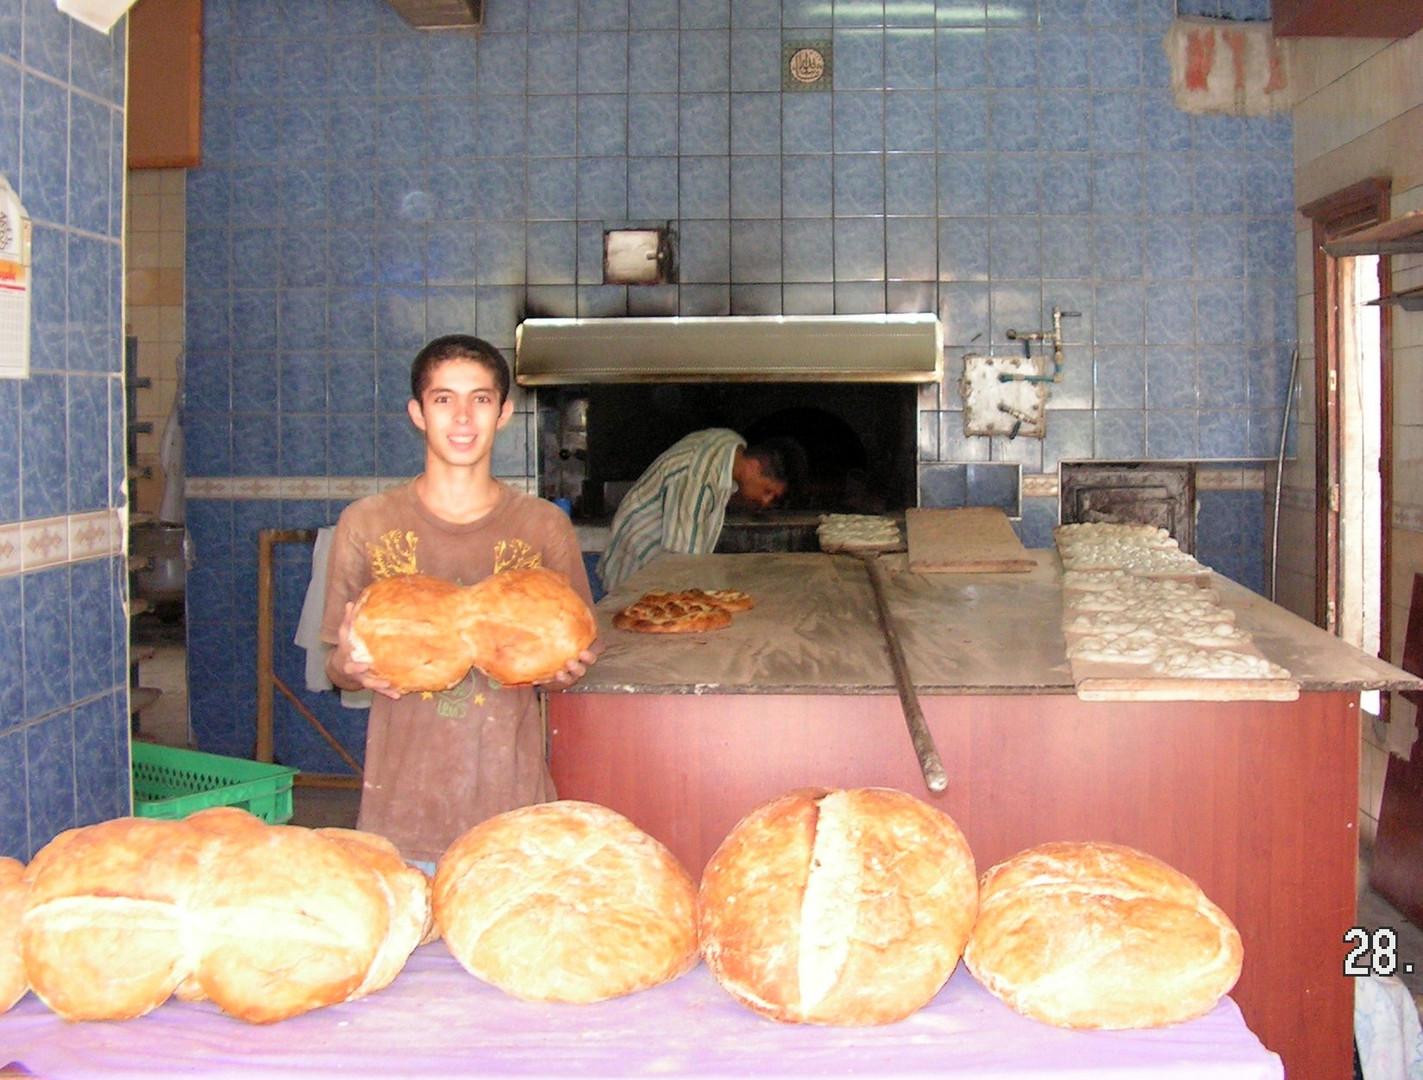 Brootbäckerei in Serik-Türkei